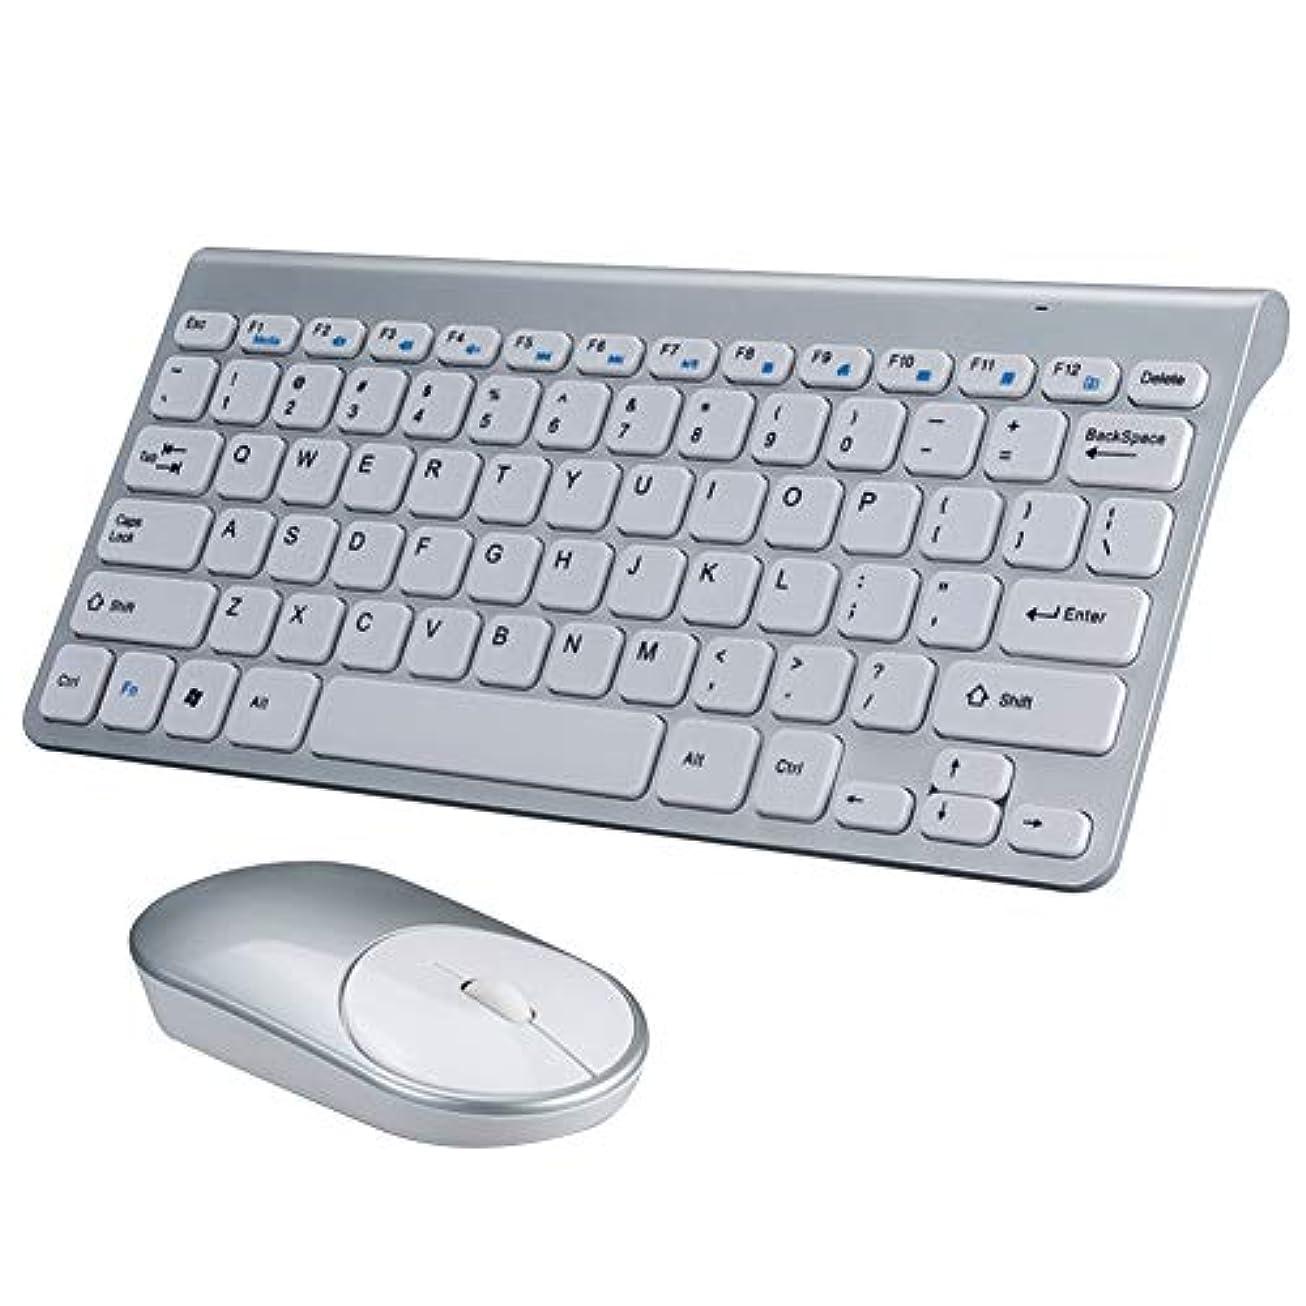 面白いマウントバンク慢なReccy ワイヤレスキーボード マウスセット USB充電式 コンパクト 軽量 超薄 小型 スリム 無線キーボード 静音マウス 持ち運び便利